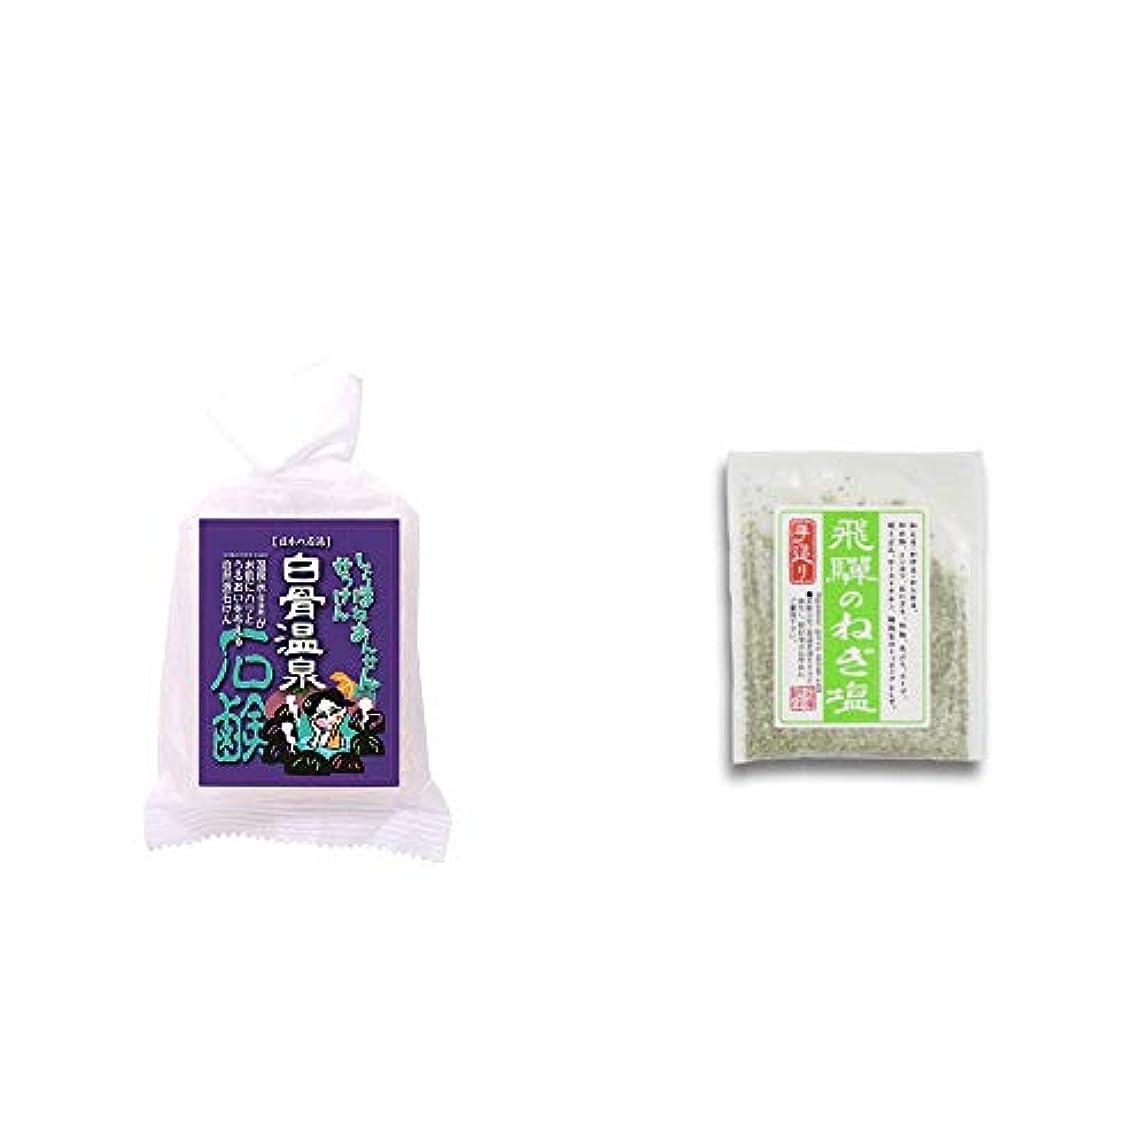 艶オーバードロー消える[2点セット] 信州 白骨温泉石鹸(80g)?手造り 飛騨のねぎ塩(40g)